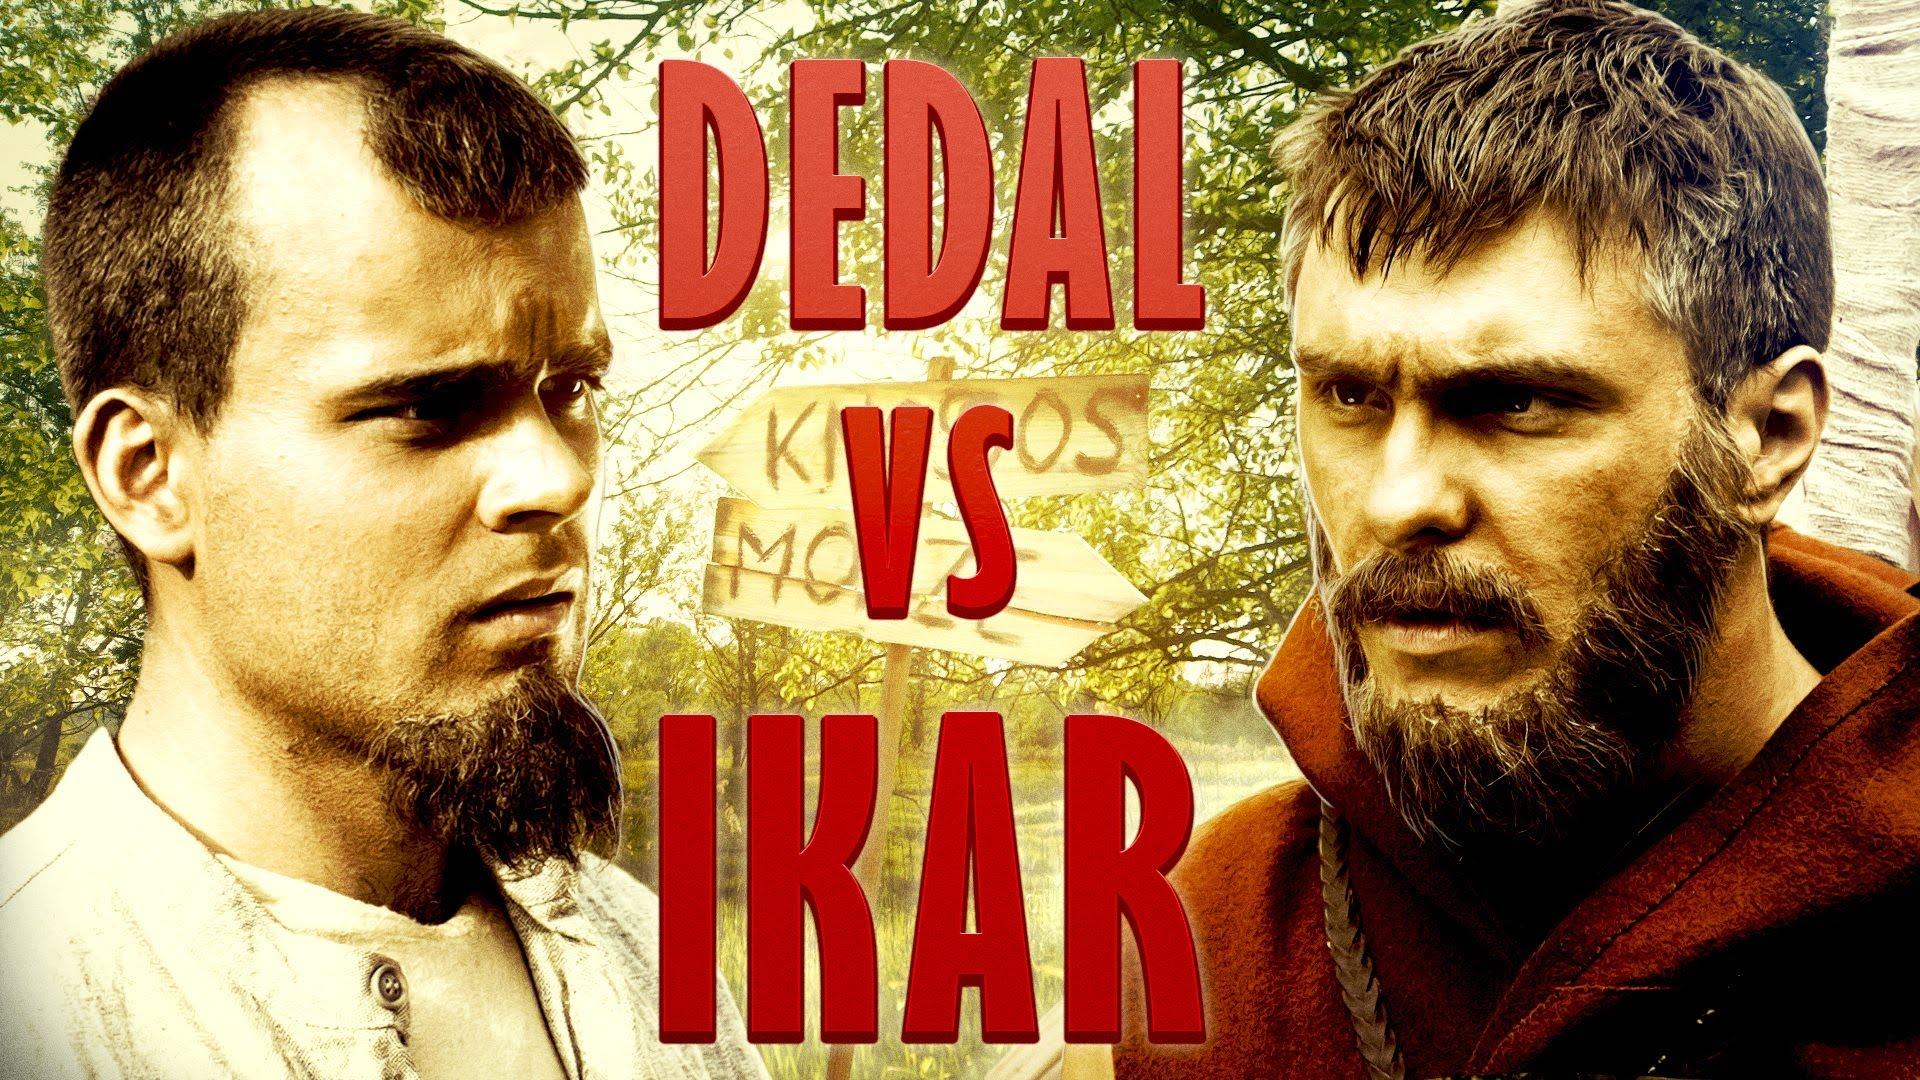 """Wielkie Konflikty - odc. 20 """"Dedal vs Ikar"""""""